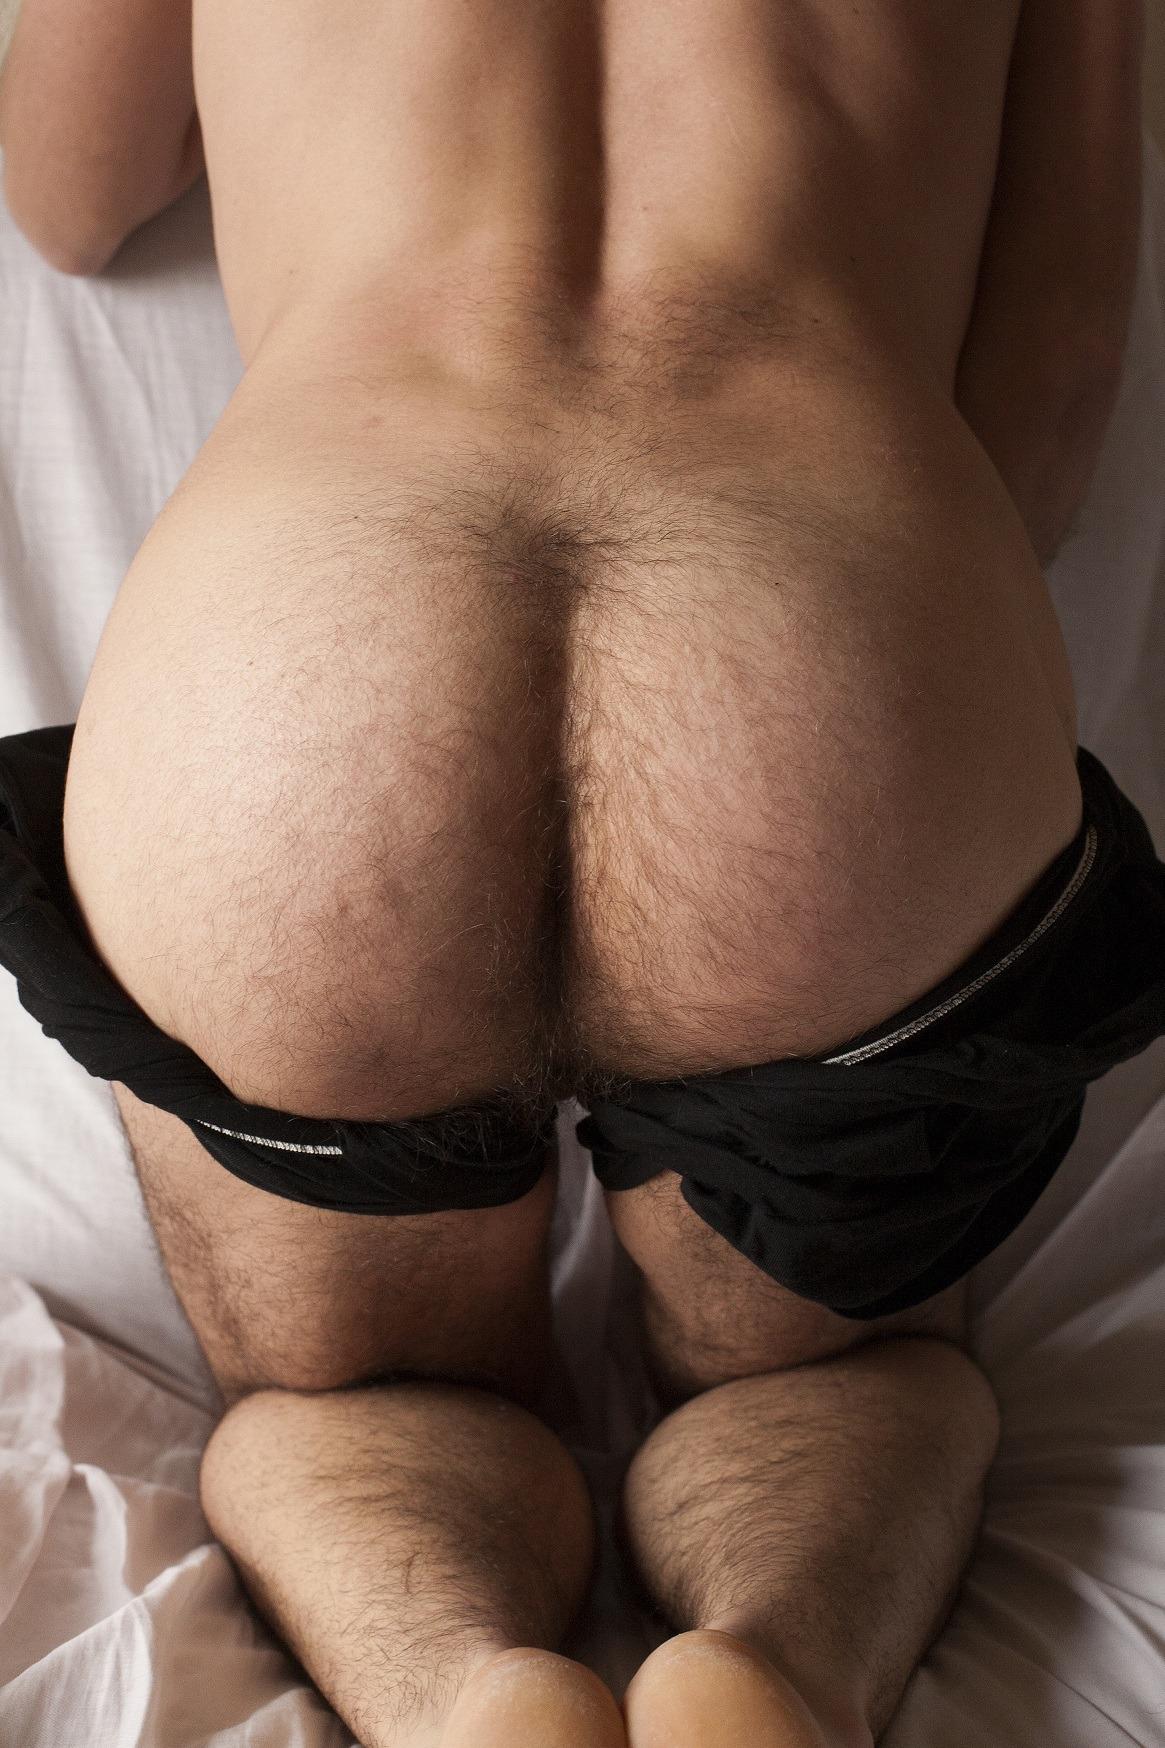 Boys ass gets fucked tumblr Ass Gay Tumblr Dtblrnude